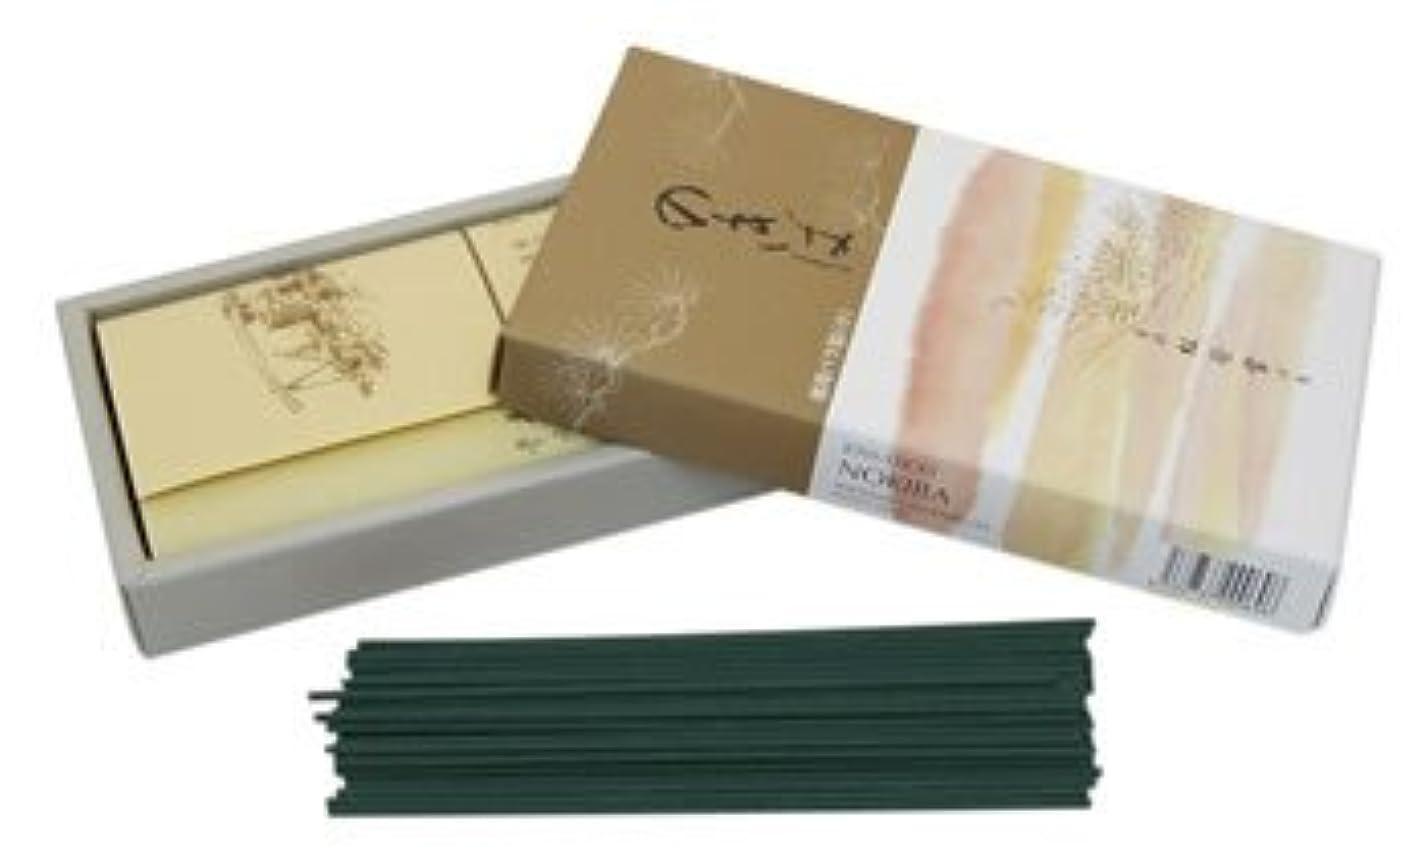 付添人アイザックあいまいMoss Garden (Nokiba) With Sandalwood - Shoyeido Classic Japanese Incense - Box of 250 Sticks